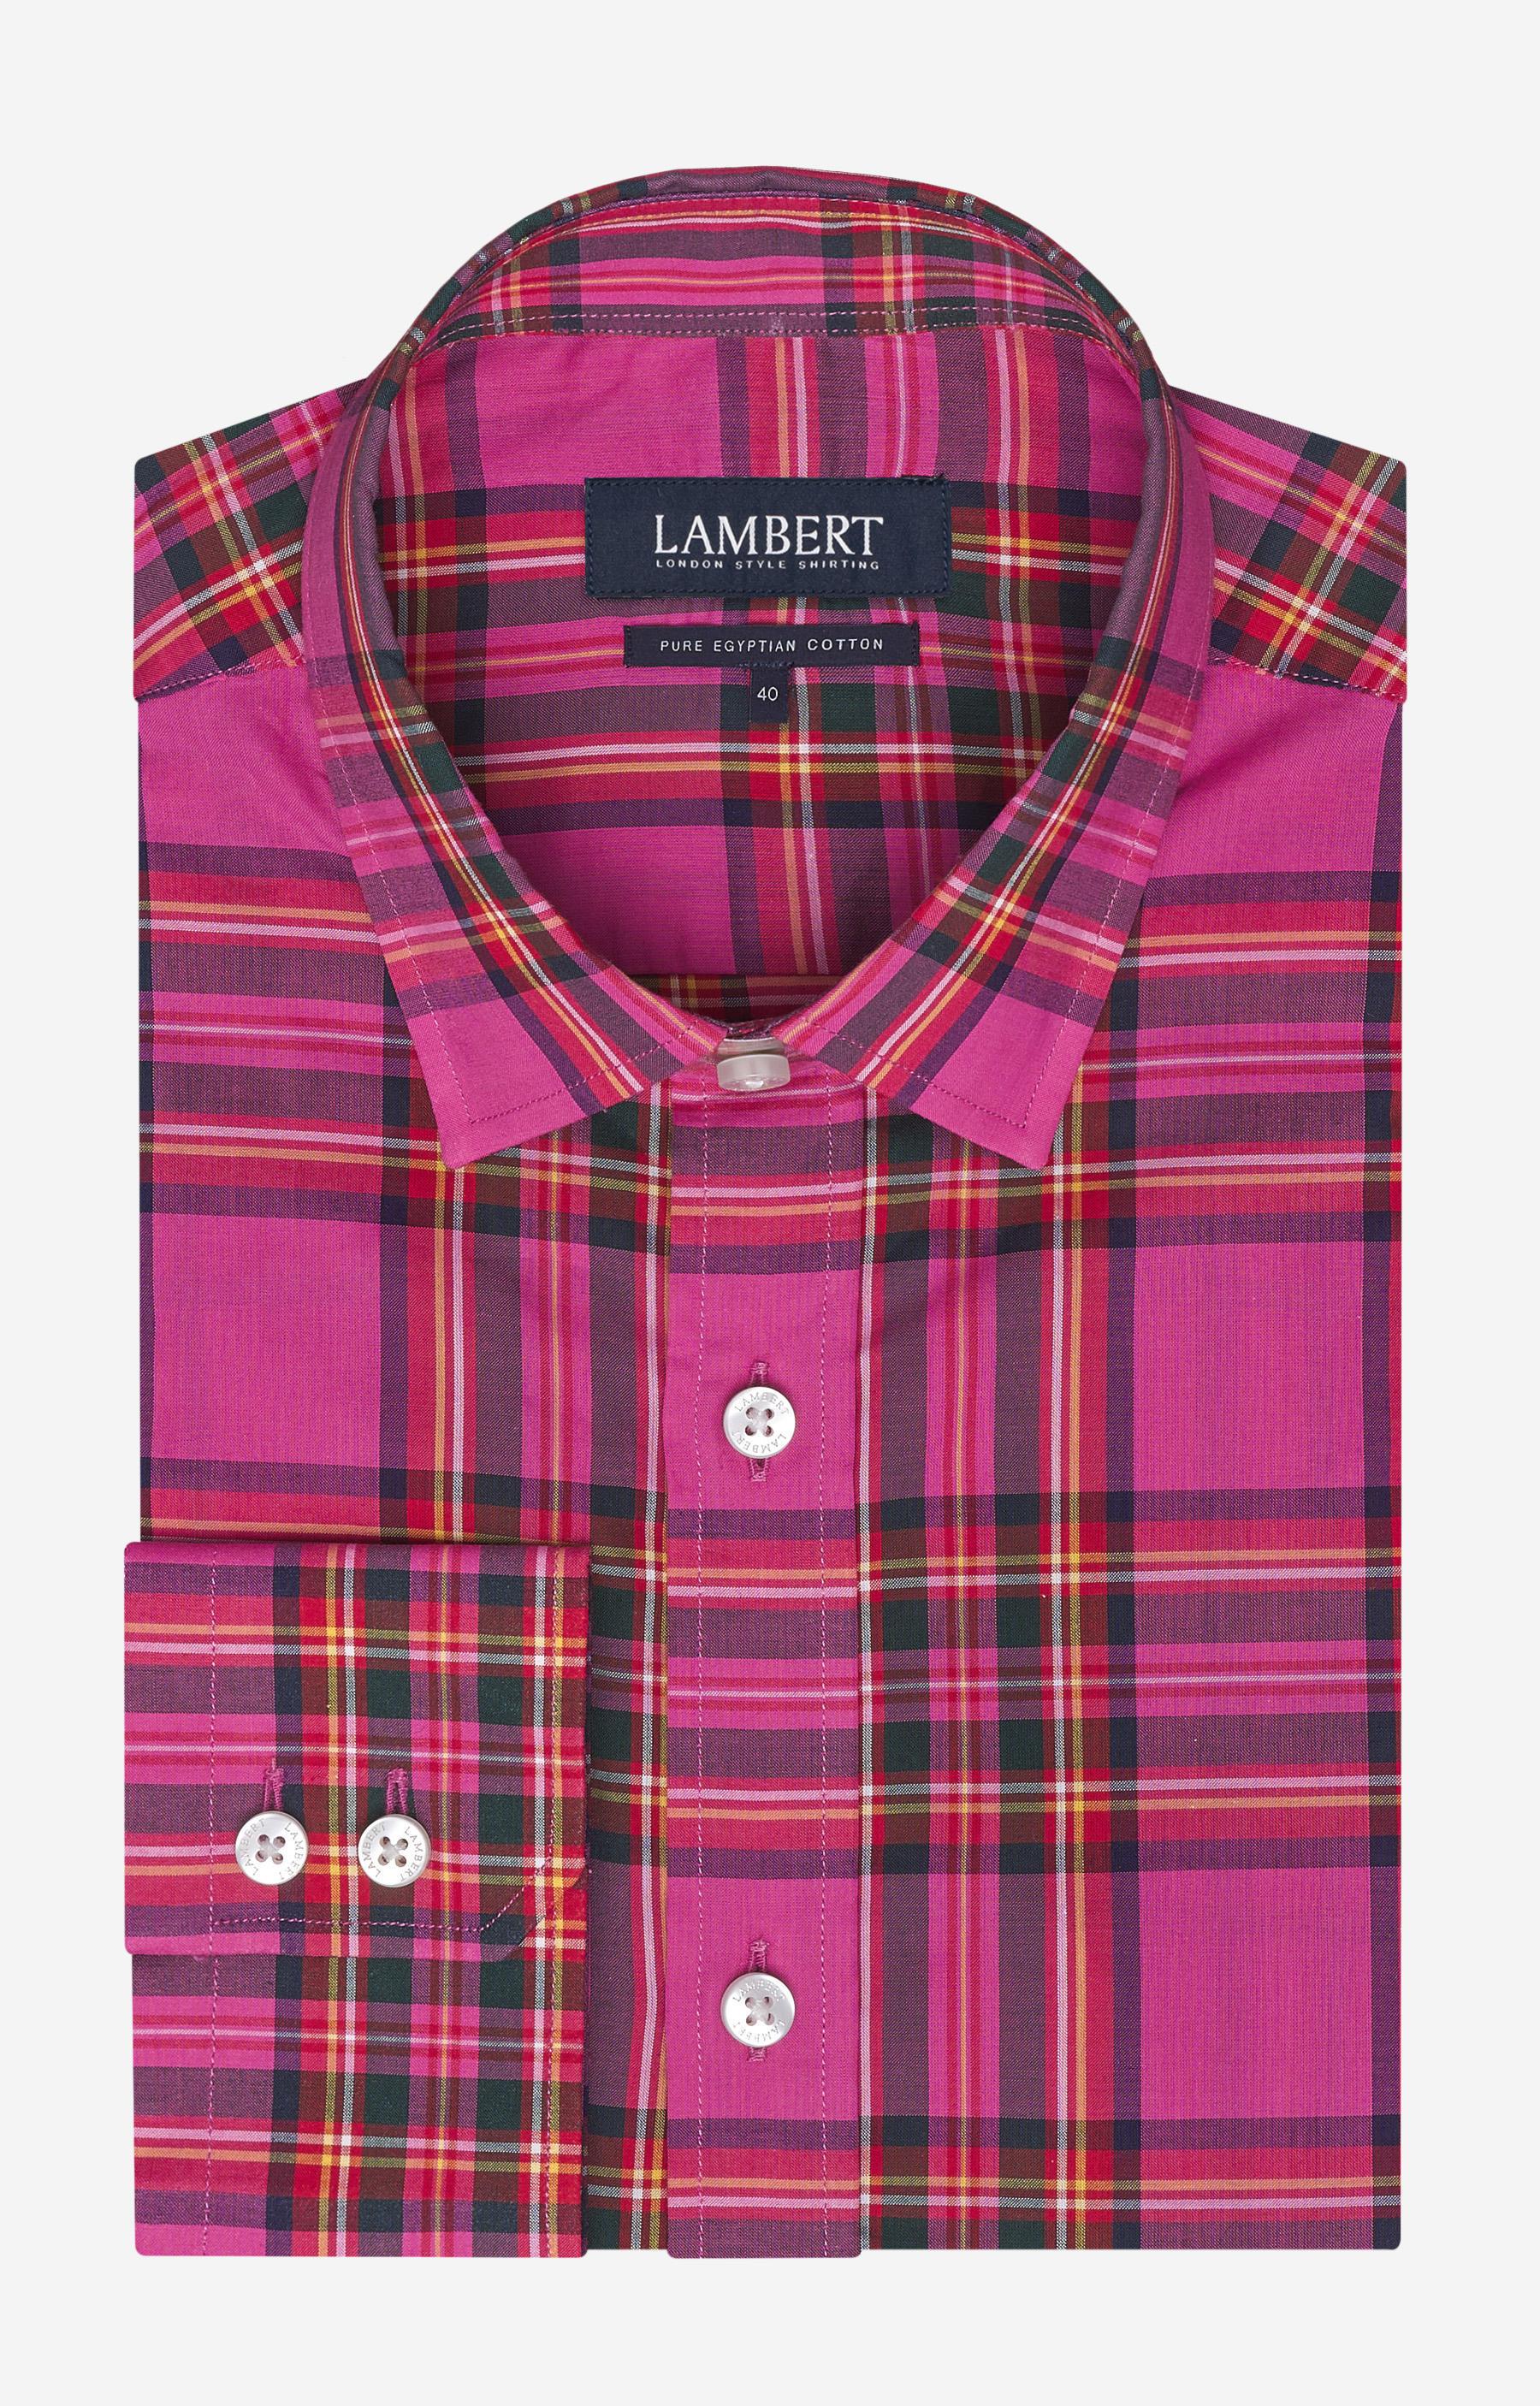 Koszule Lambert z bawełny egipskiej, długi rękaw od 59,99 PLN